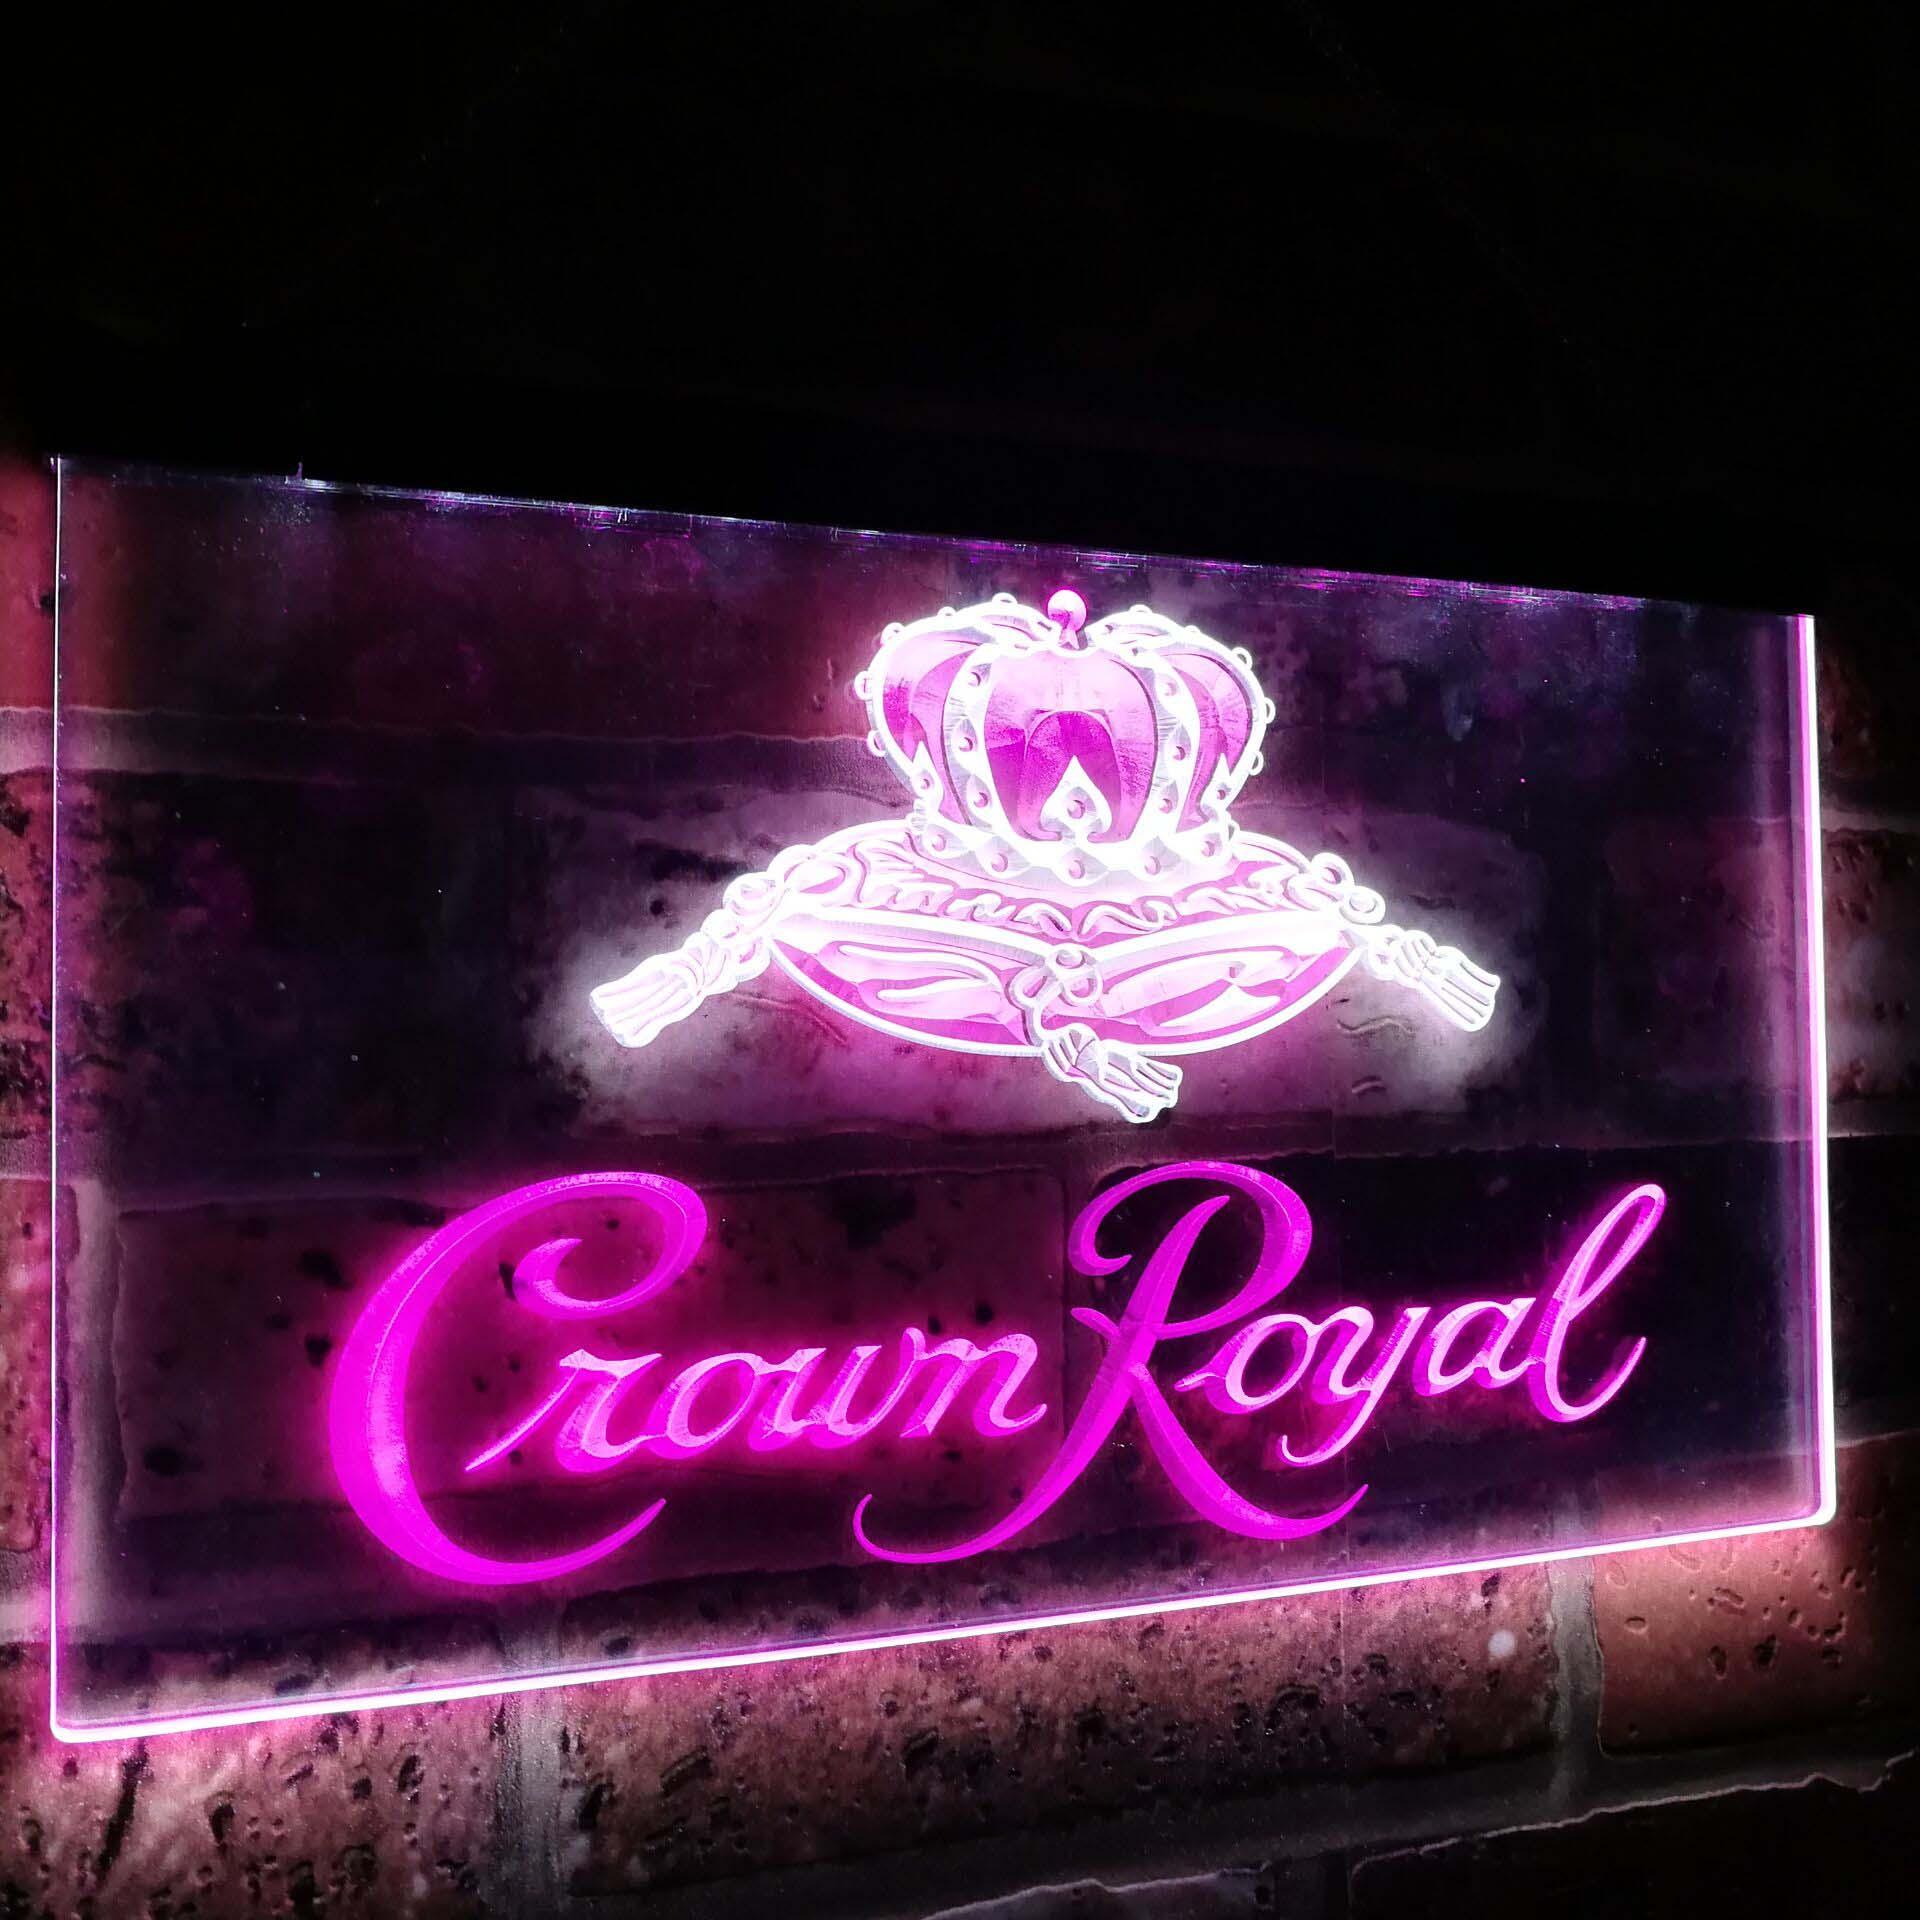 Couronne Royal bière Bar décoration cadeau double couleur Led néon signe st6-a0104